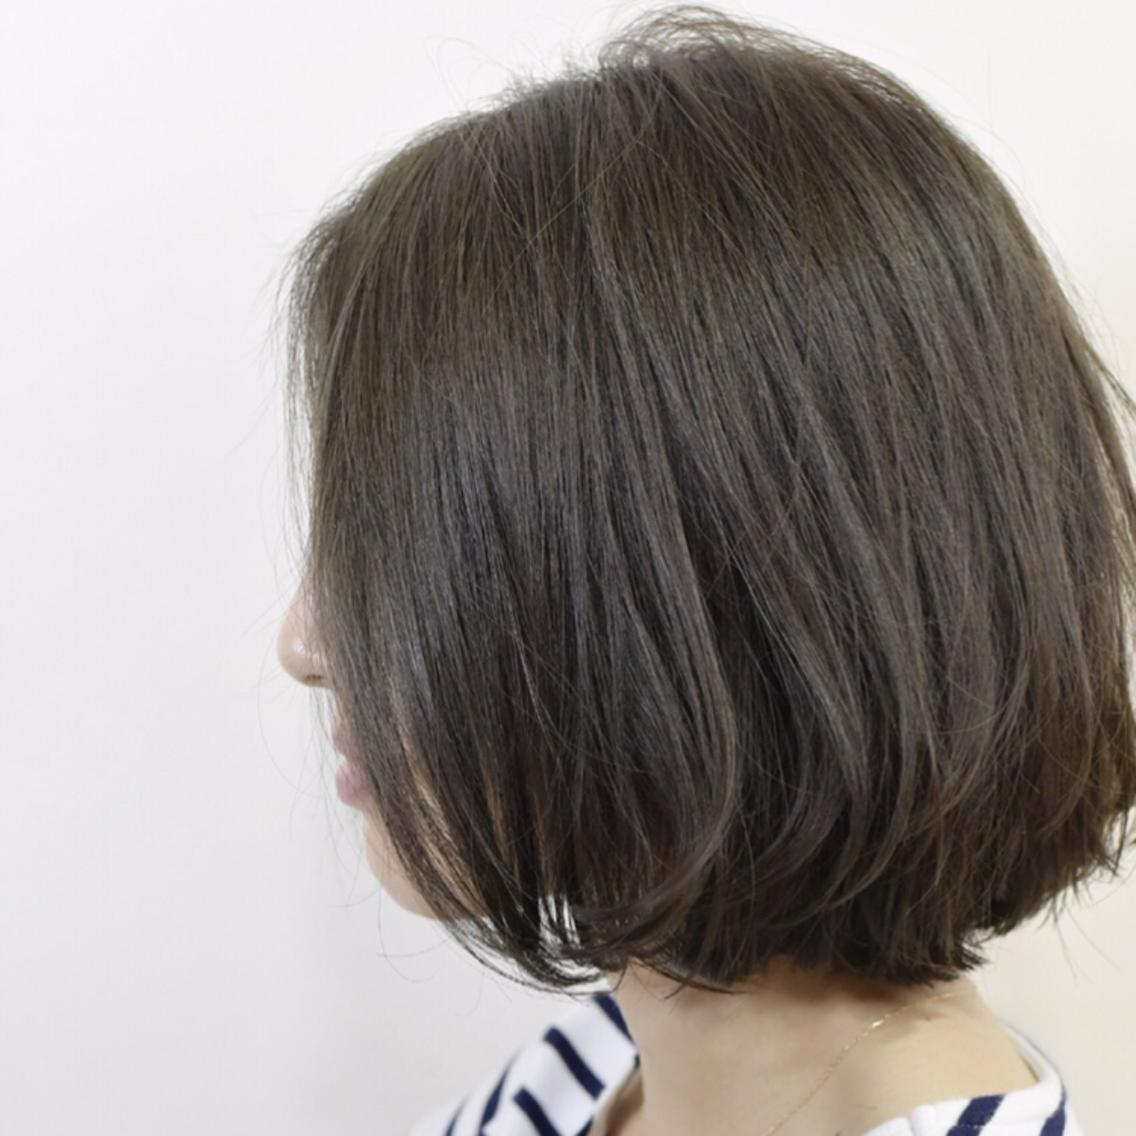 千葉県柏、縮毛矯正、美容師アシスタント